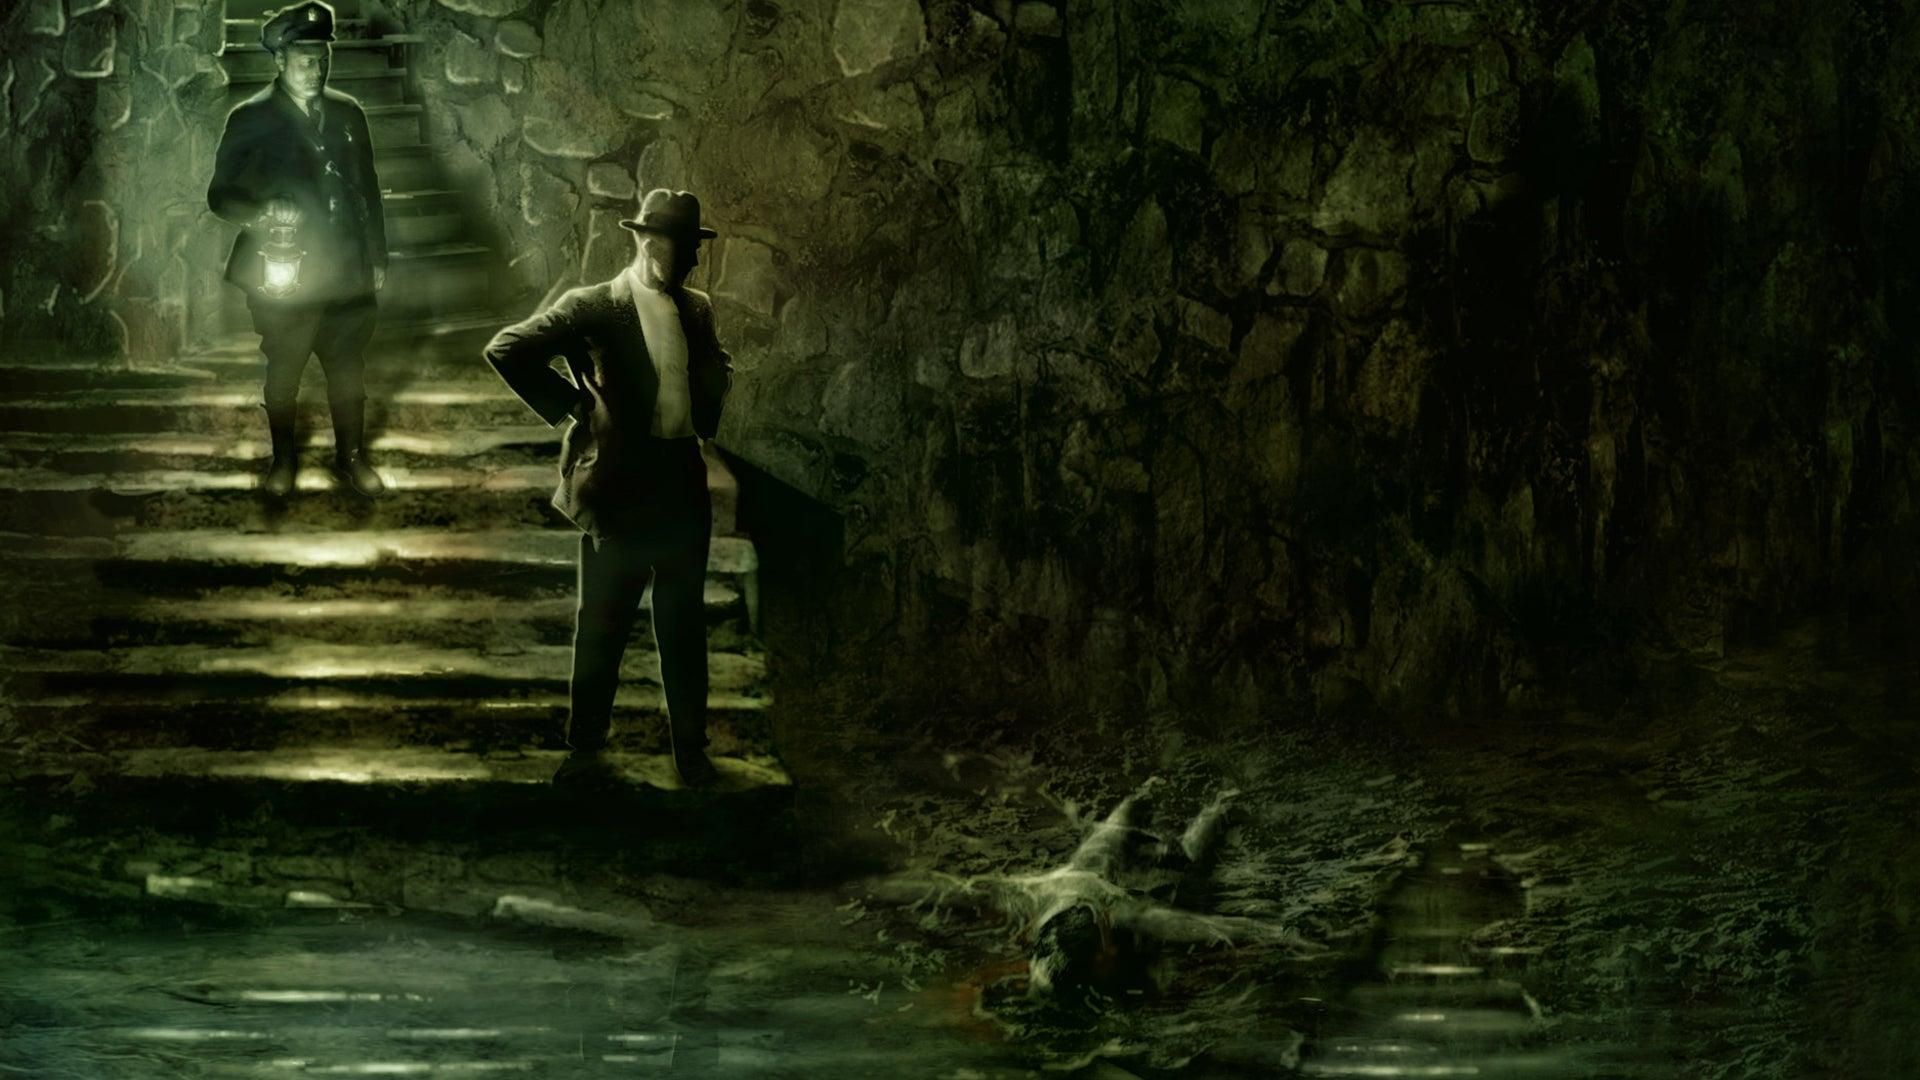 Trail of Cthulhu rpg artwork